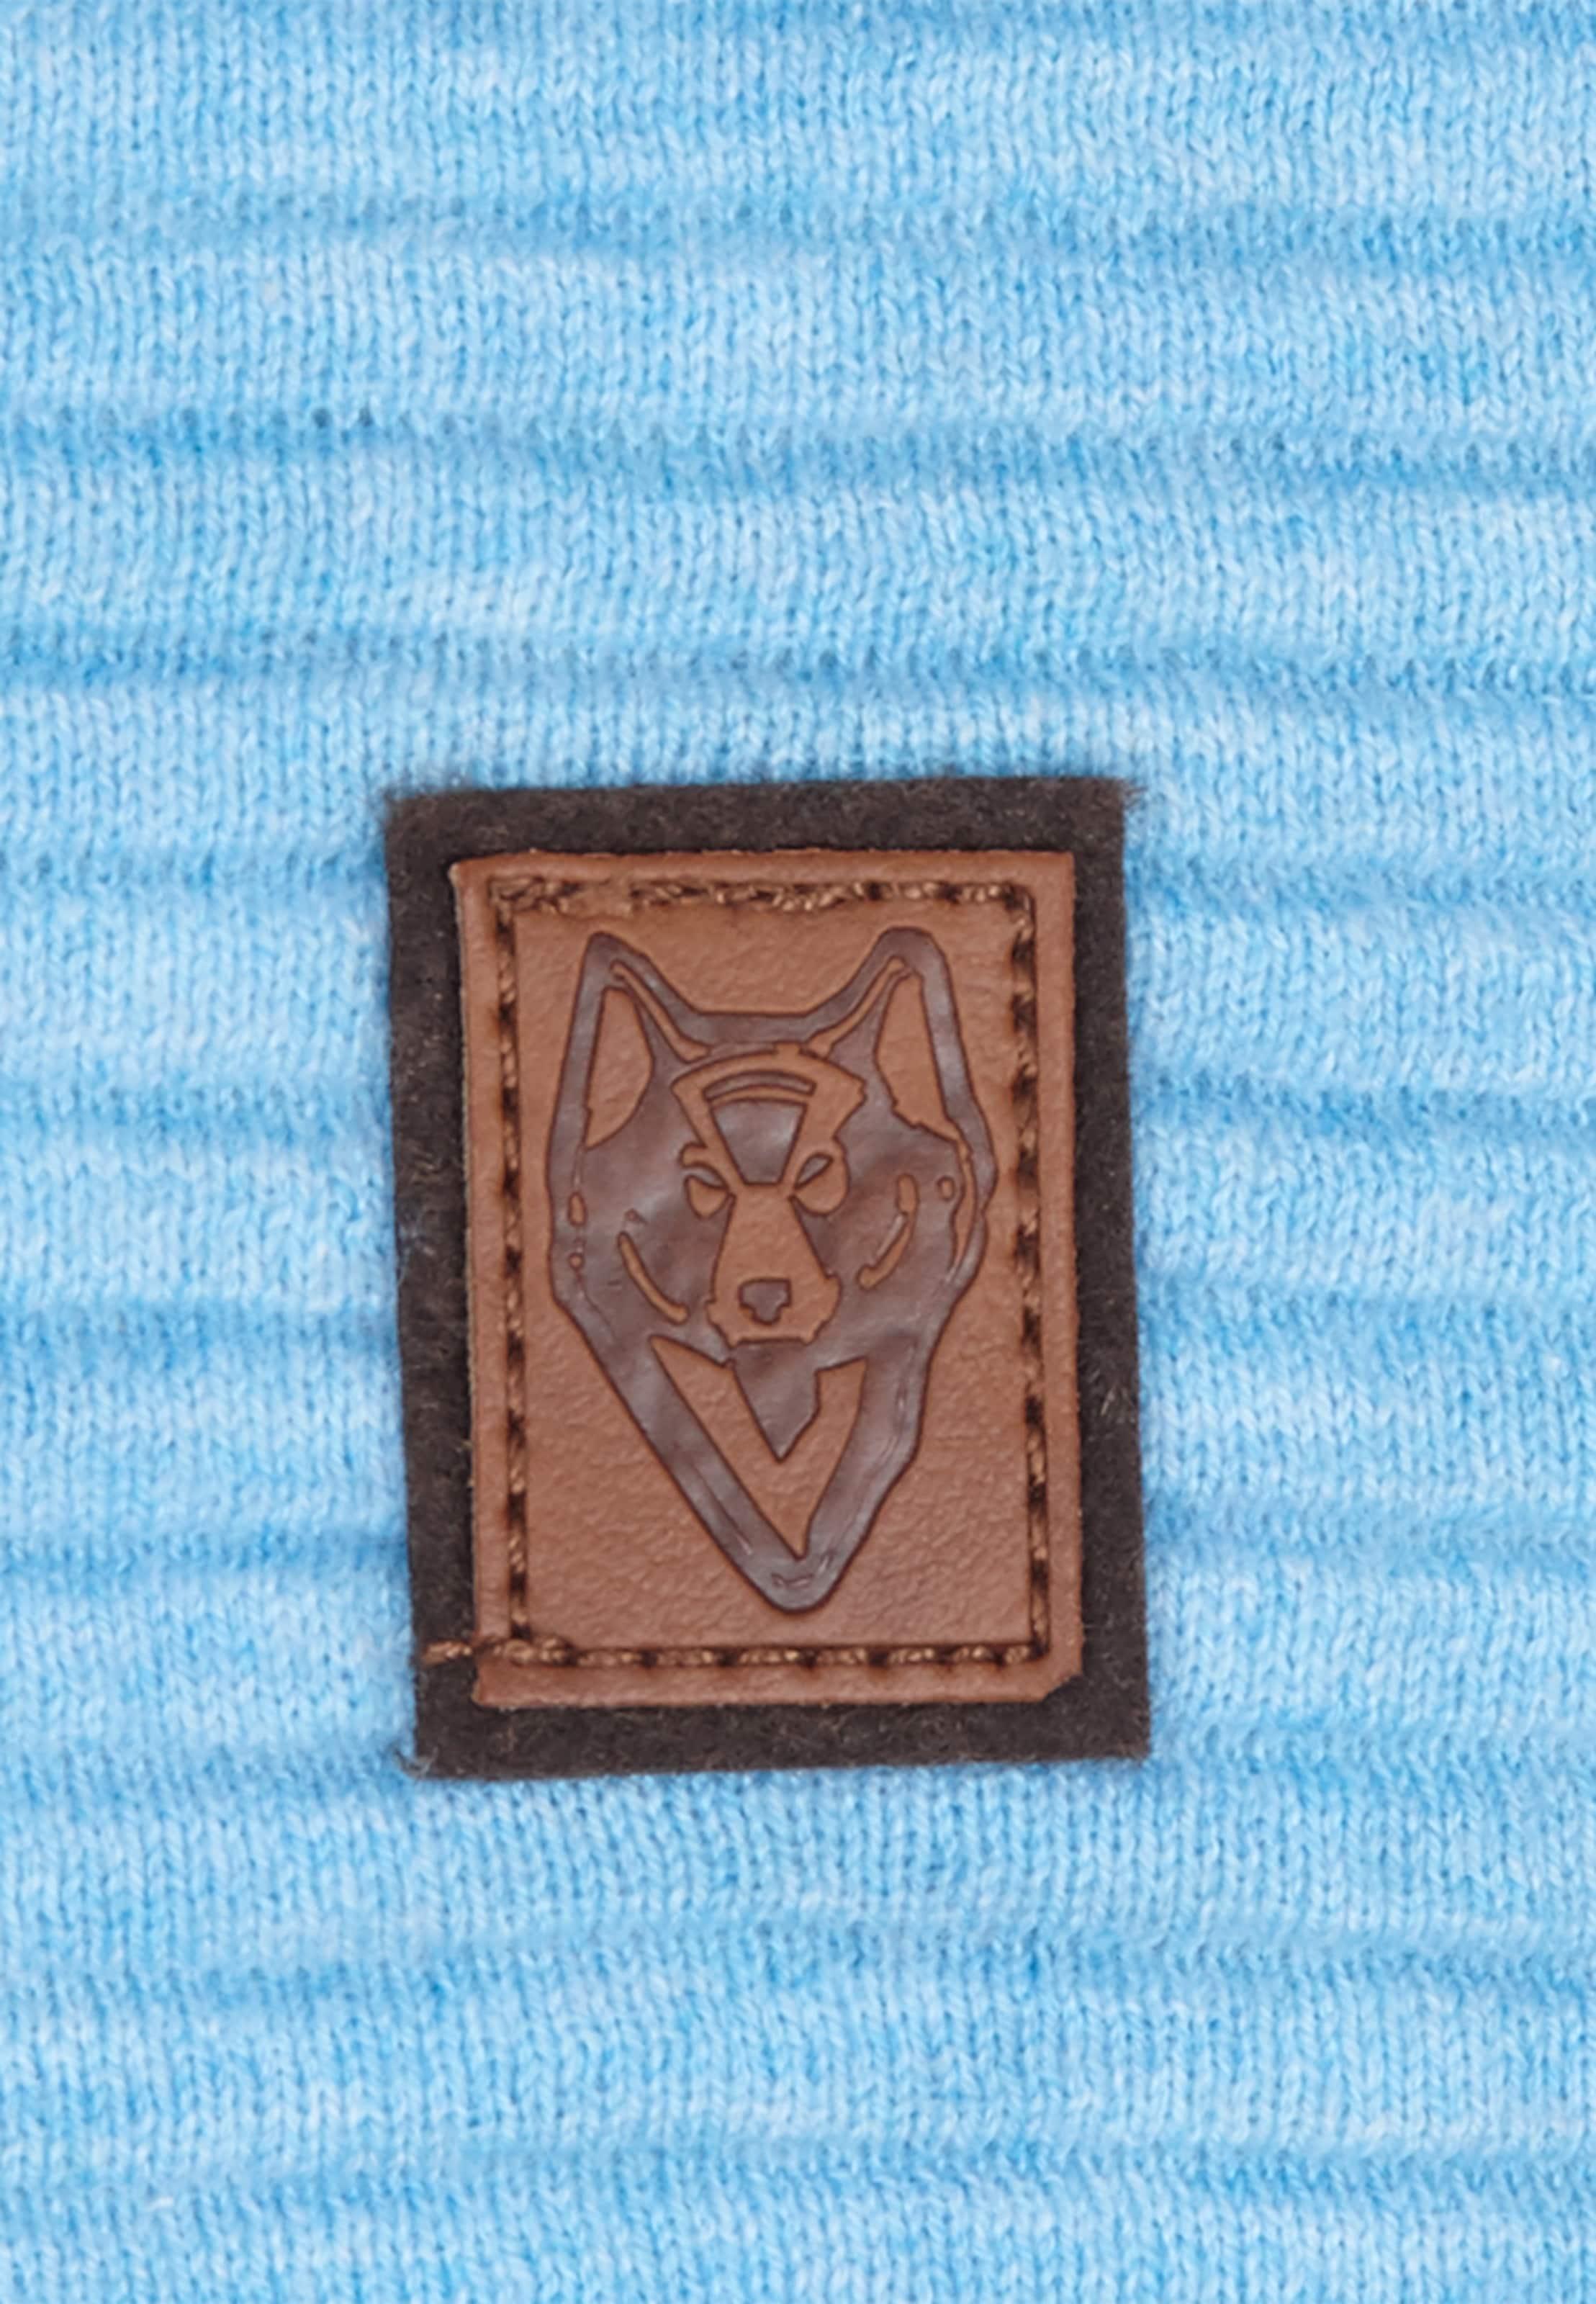 Liefern Billige Online naketano Knit 'Zapzarap Zip Zap V' Ebay Günstiger Preis Fabrikverkauf Bestbewertet BIhSS